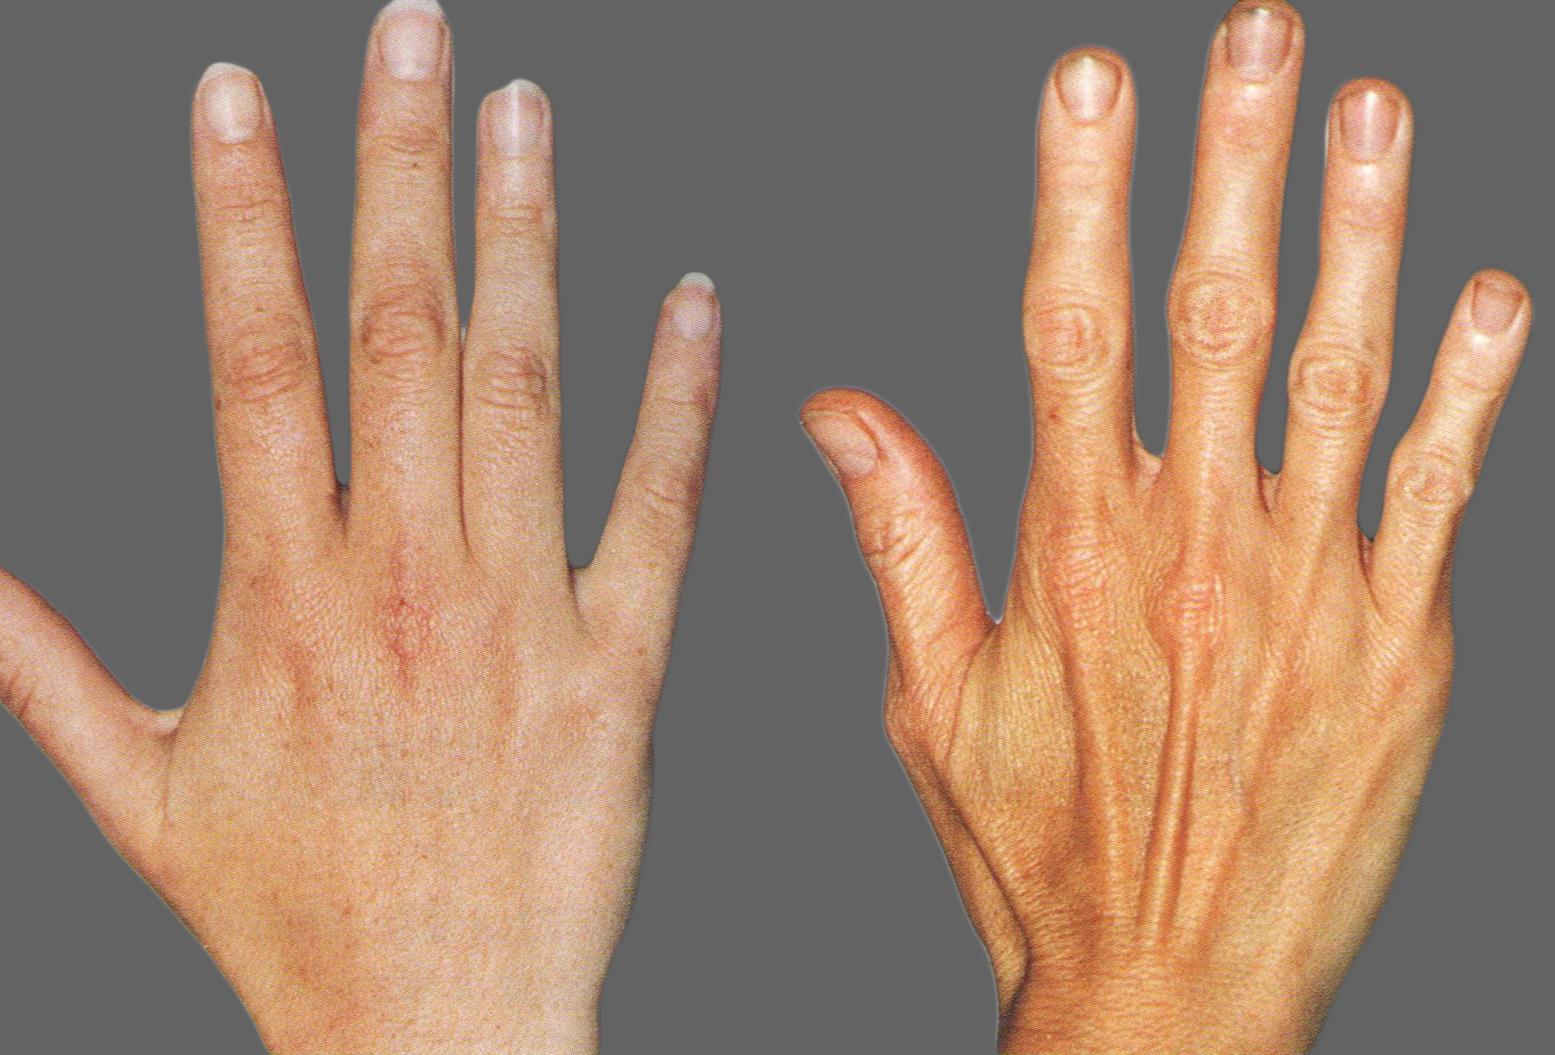 gydymas artrozės liaudies receptus